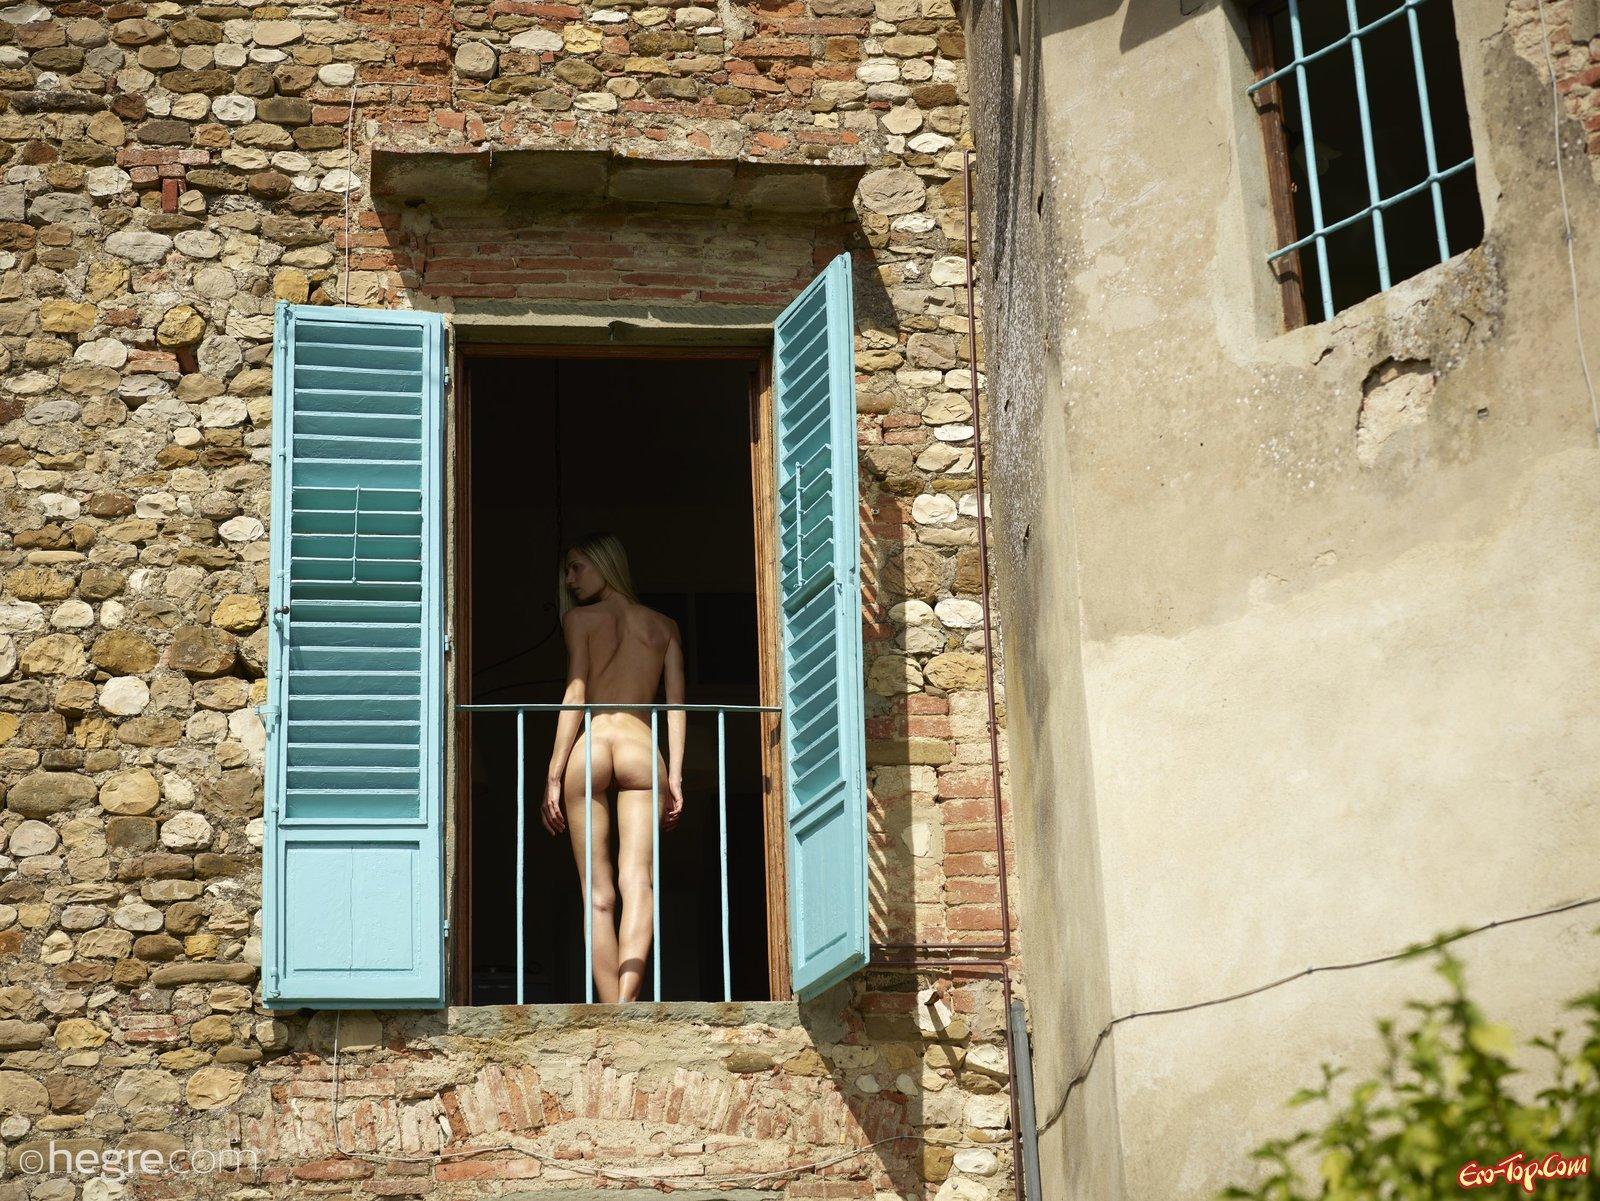 Раздетая светлая порноактриса фоткается стоя у открытого окошка